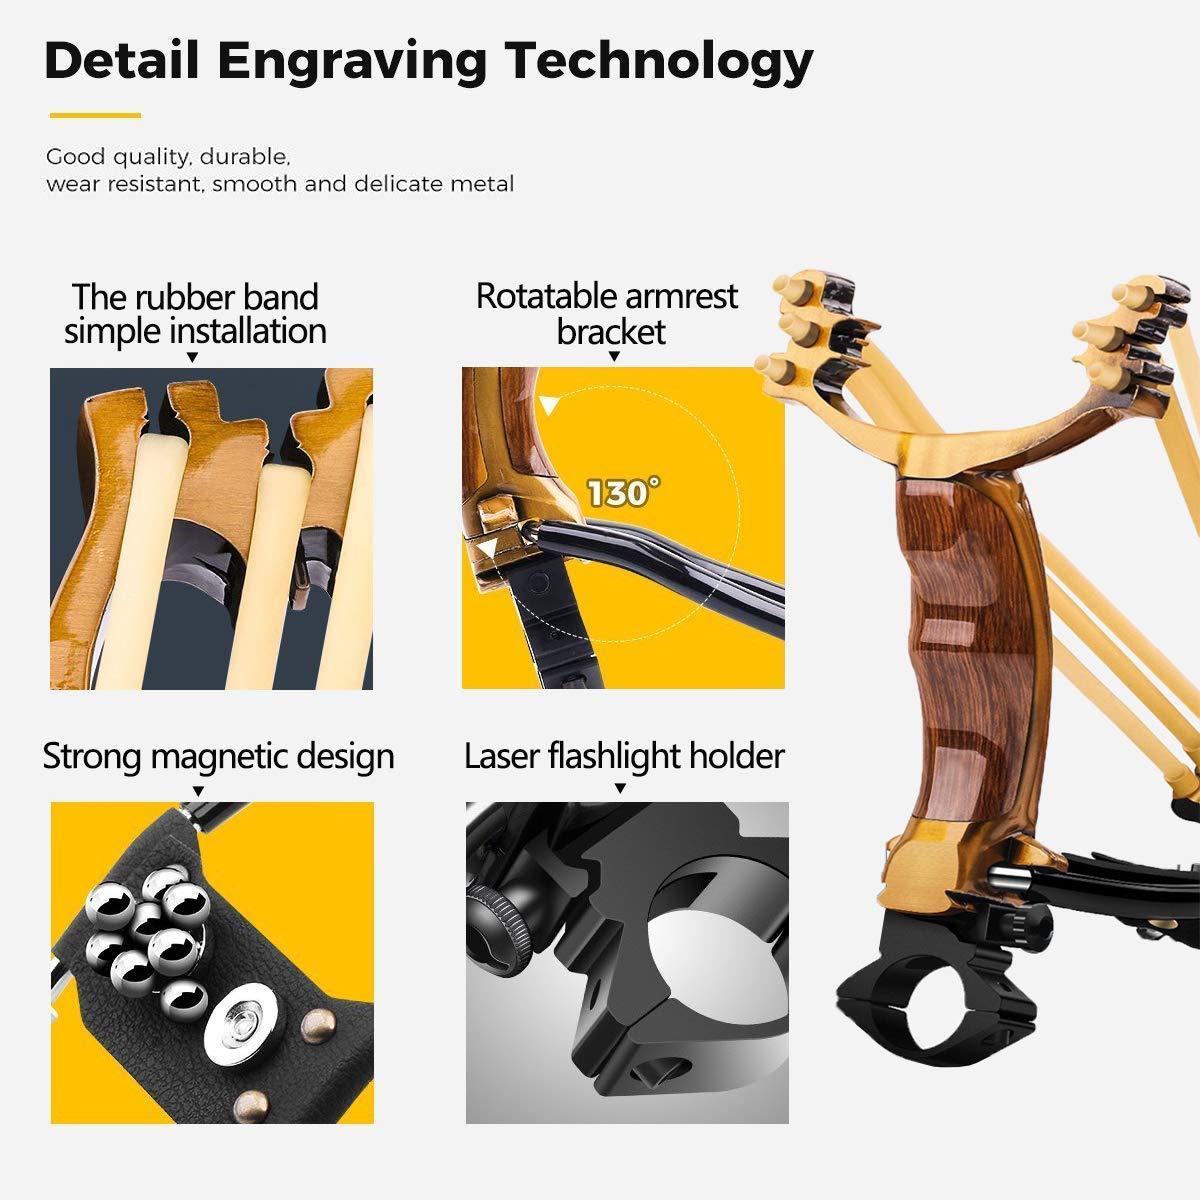 ucho Professional Slingshot Set, Wrist Rocket Slingshot, Sling Shot with 2 Rubber Bands (100 Ammo), Outdoor Hunting Slingshot for Catapult Game